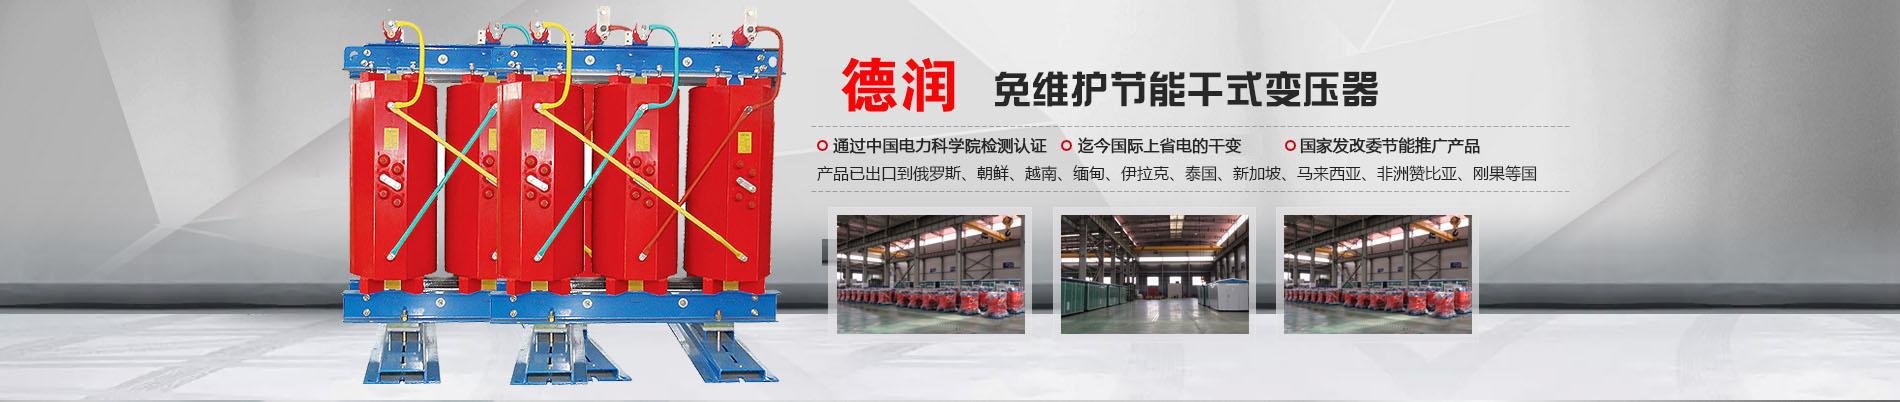 安庆干式变压器厂家